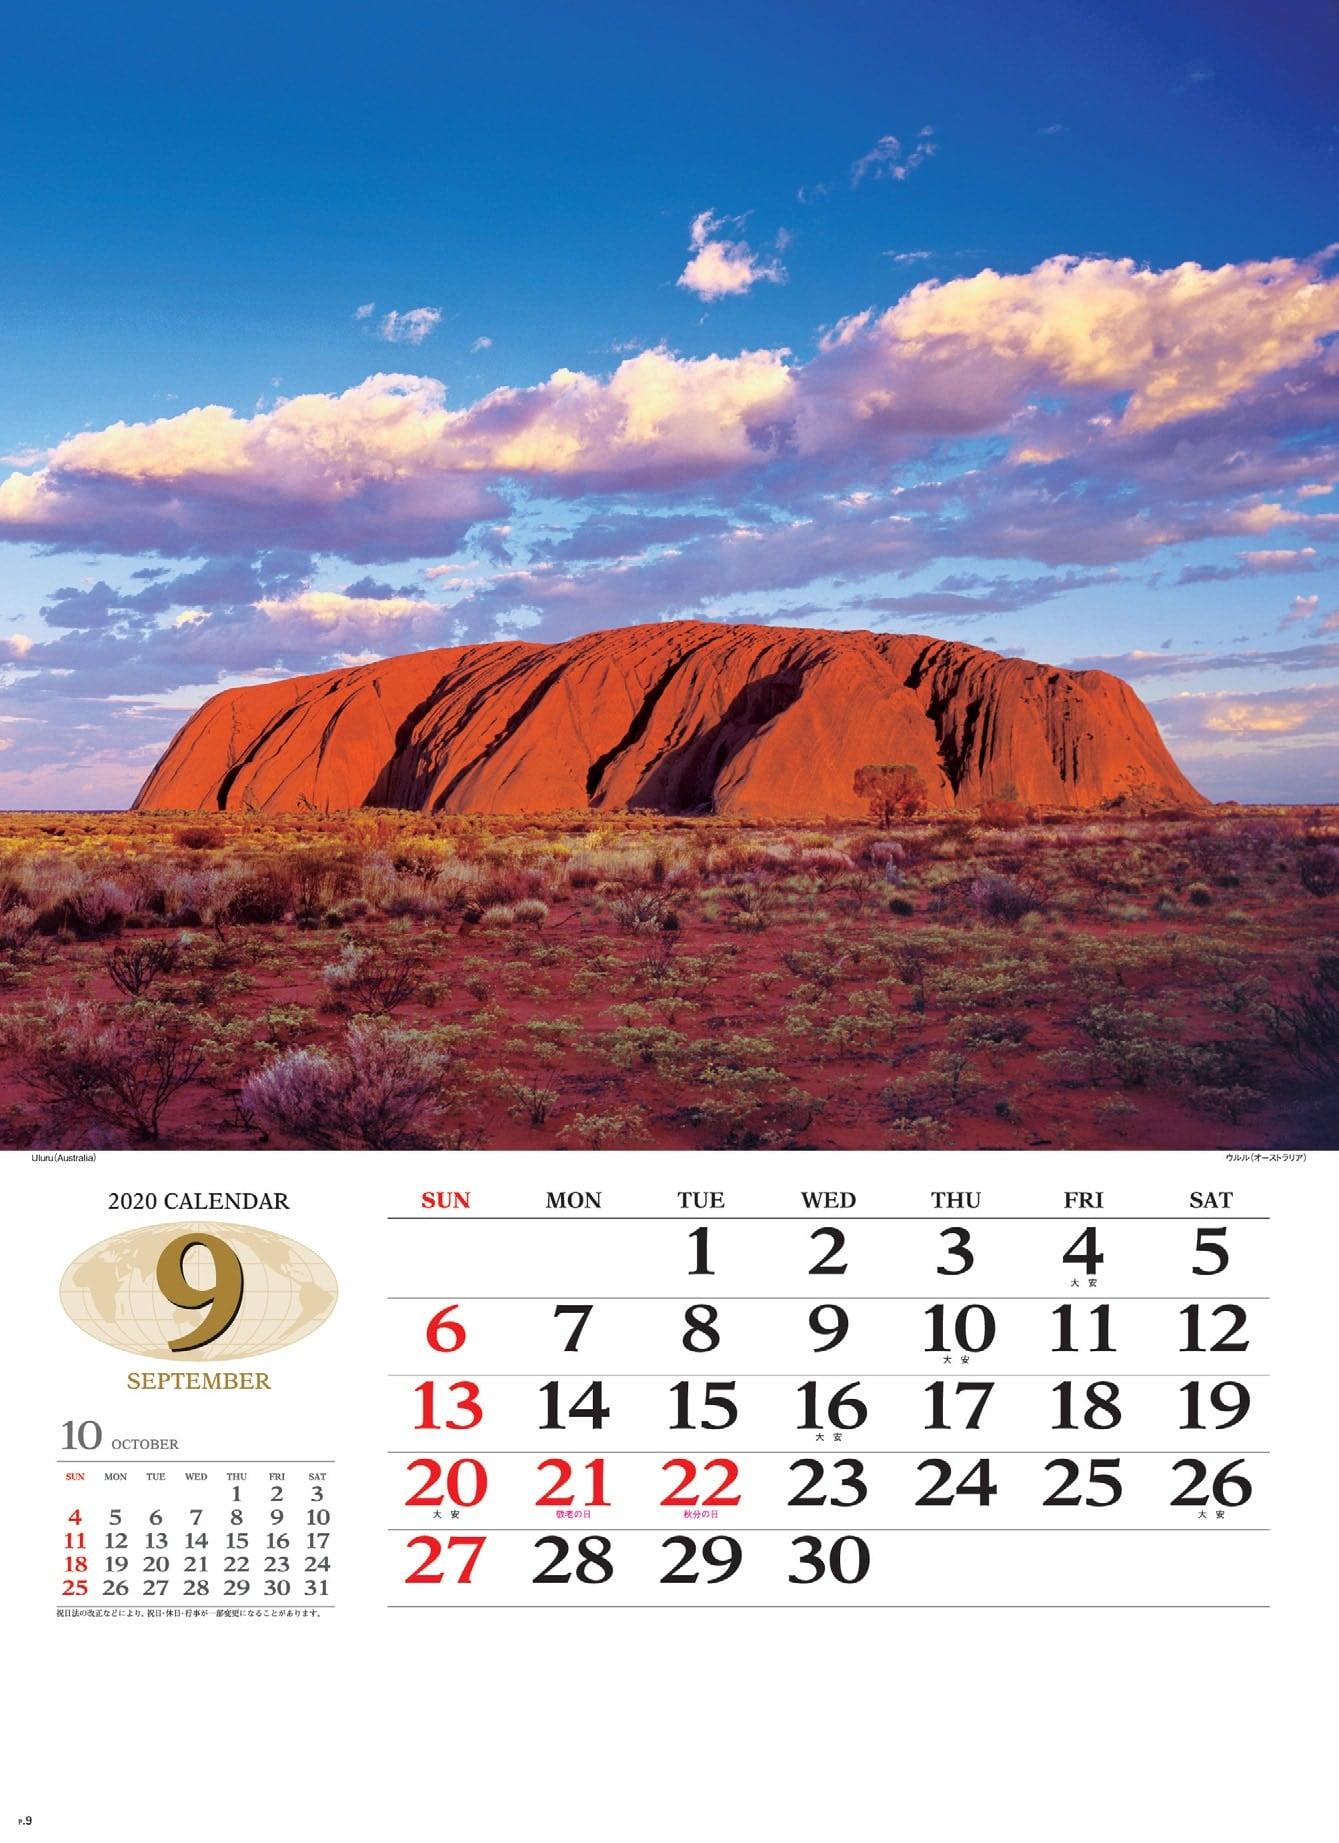 画像:ウルル(オーストラリア) 世界の景観 2020年カレンダー